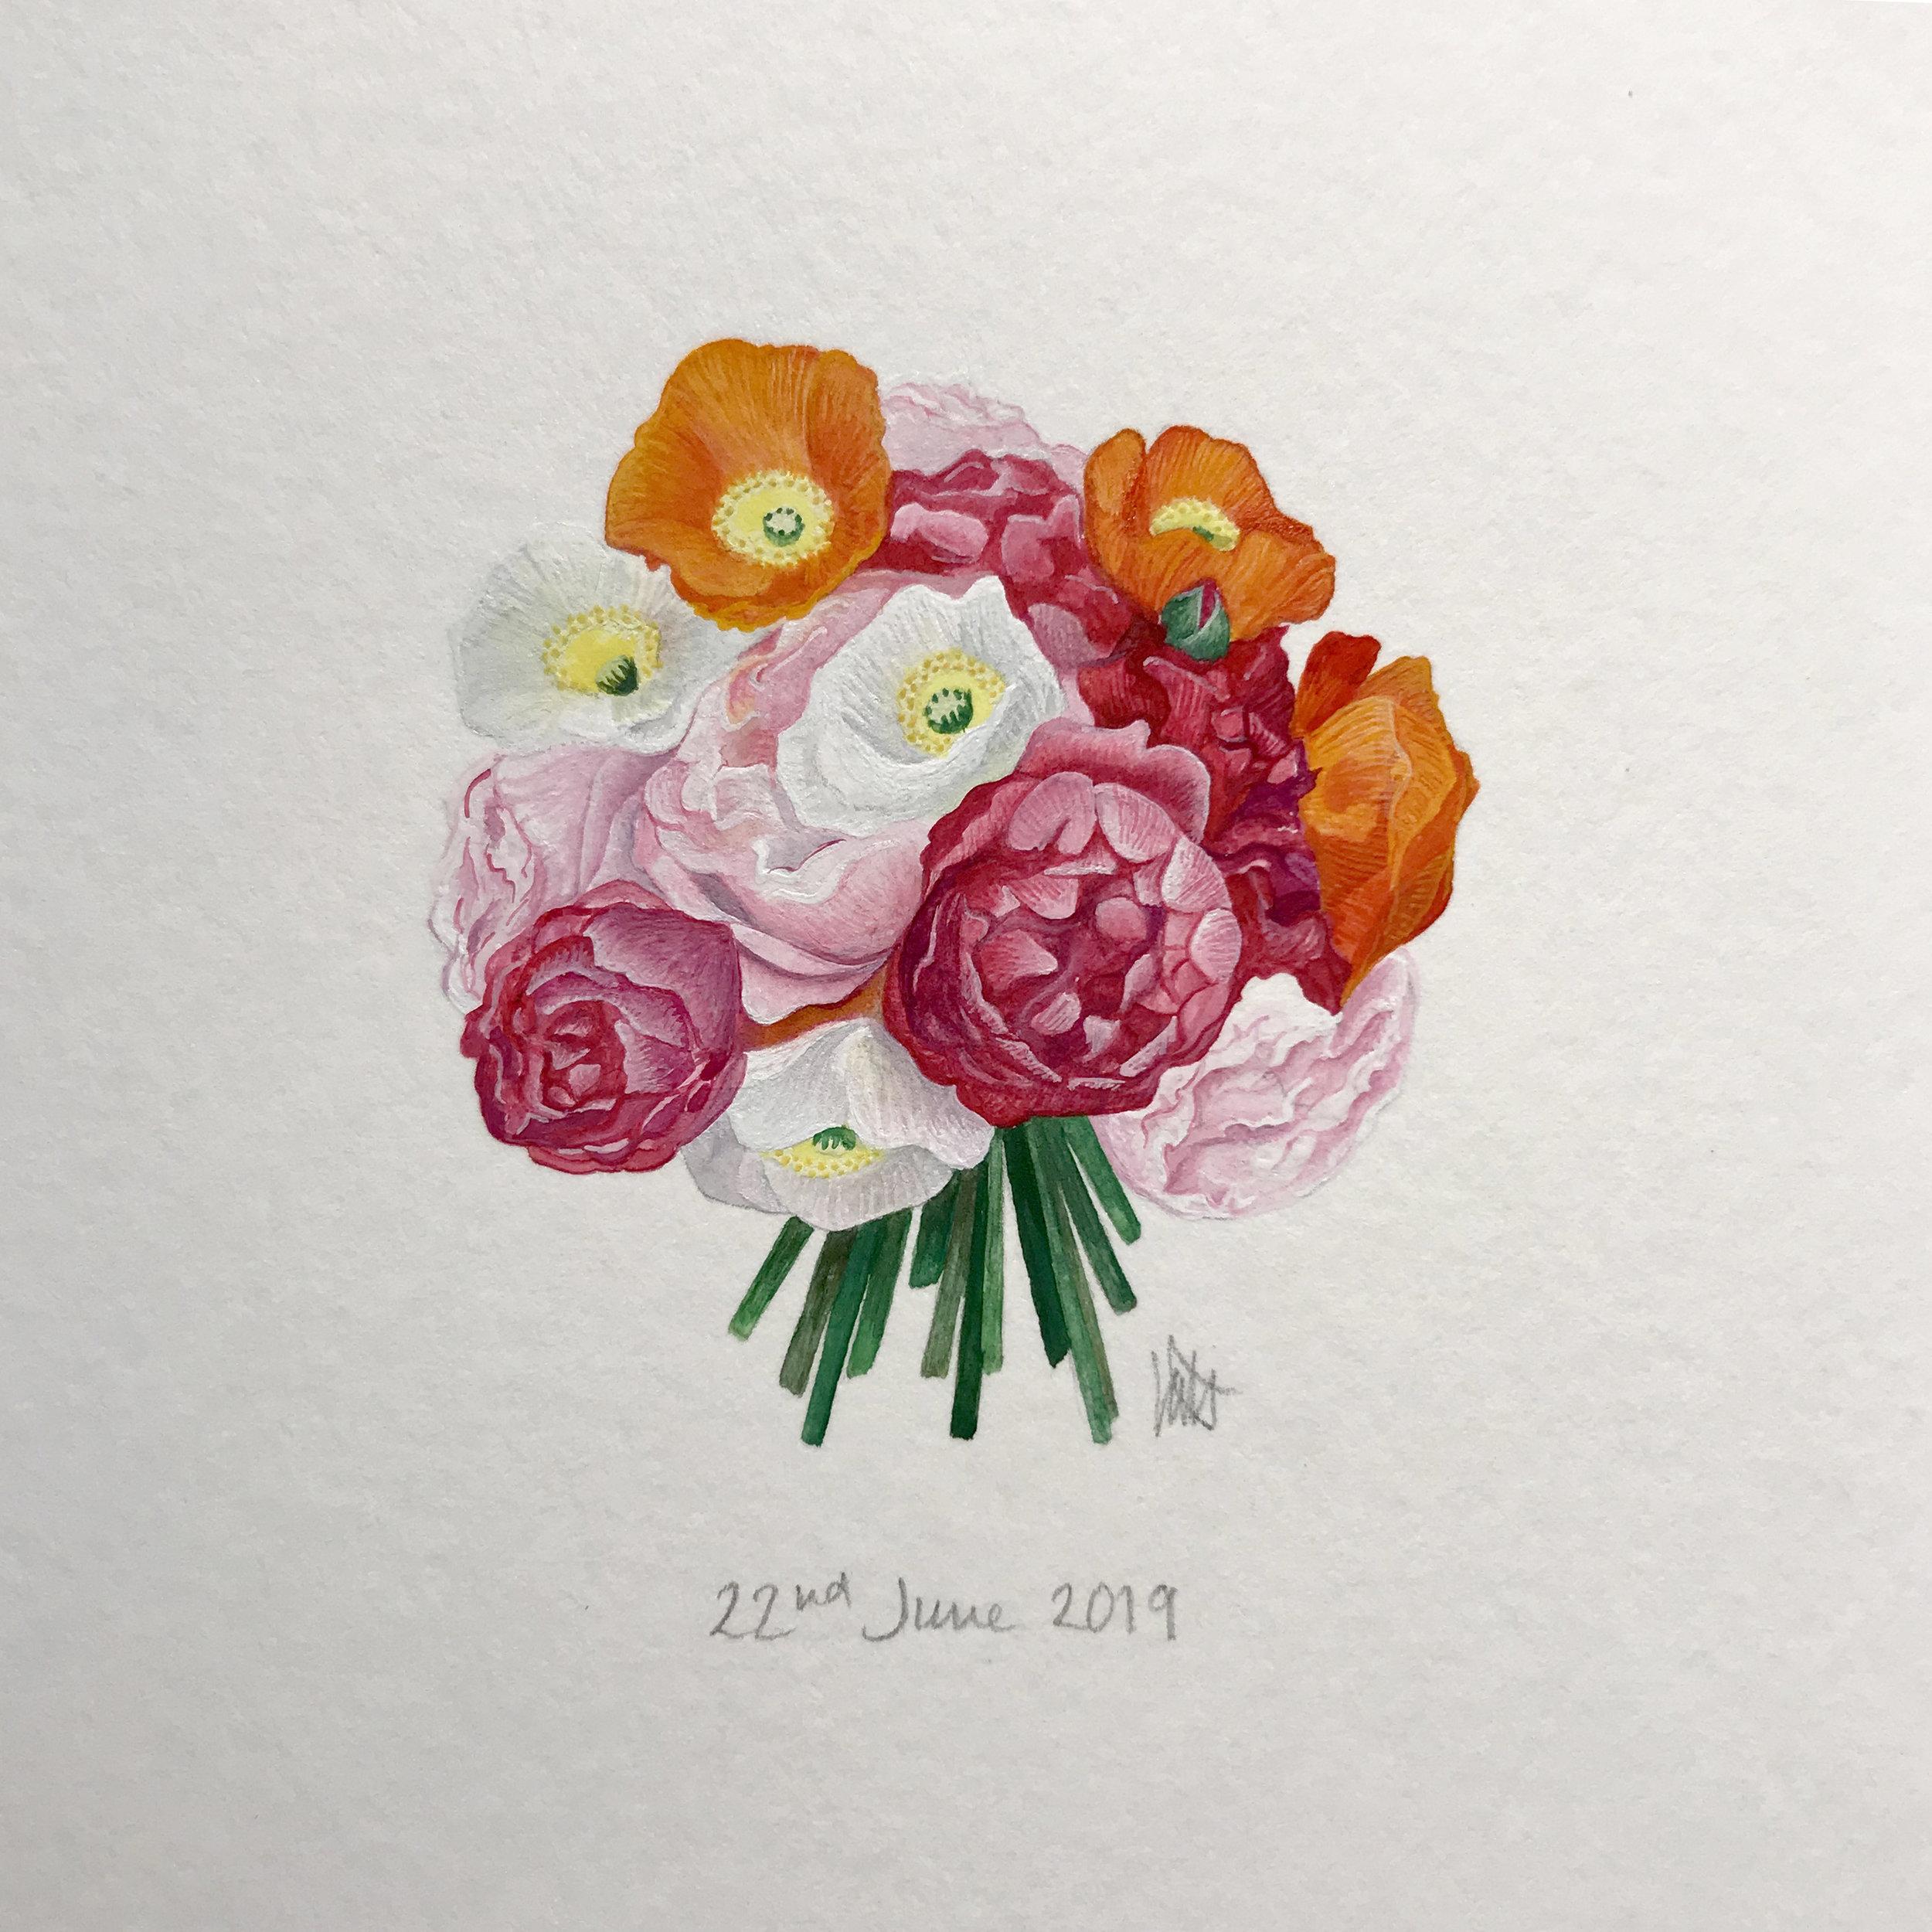 LaleGuralp_Bouquet_FF3.jpg